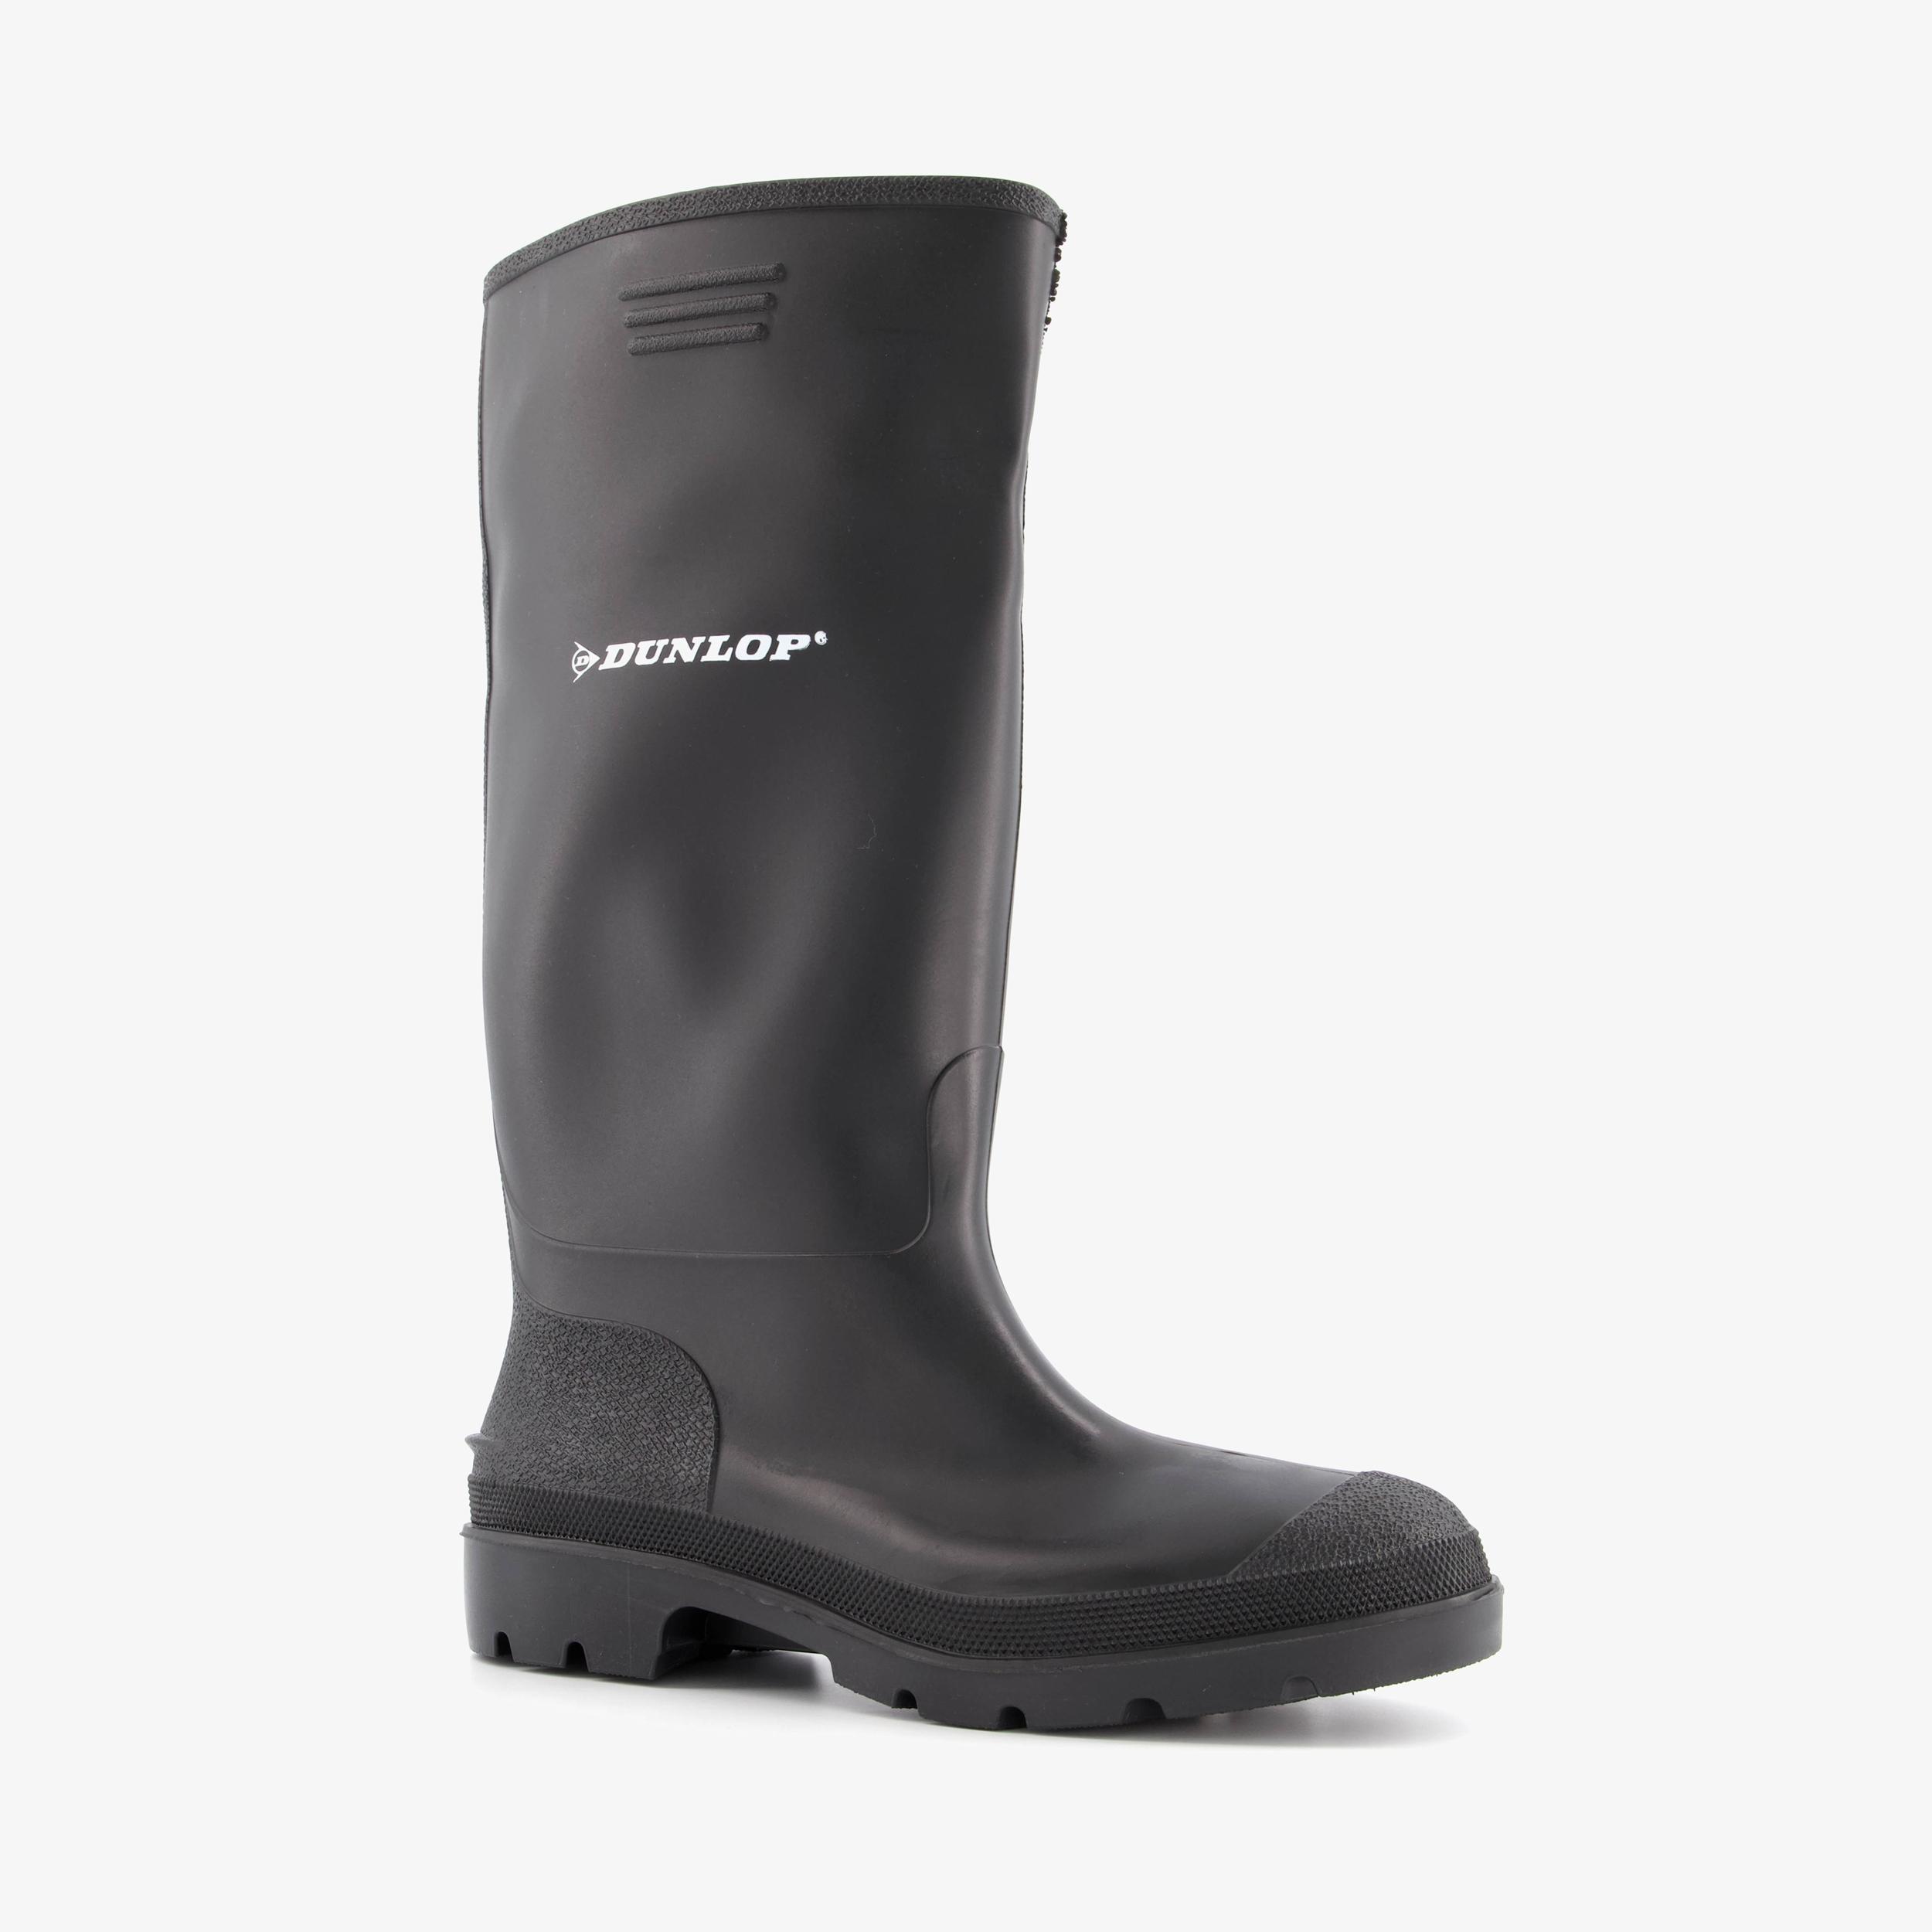 Laarzen & boots | Zappa Footwear